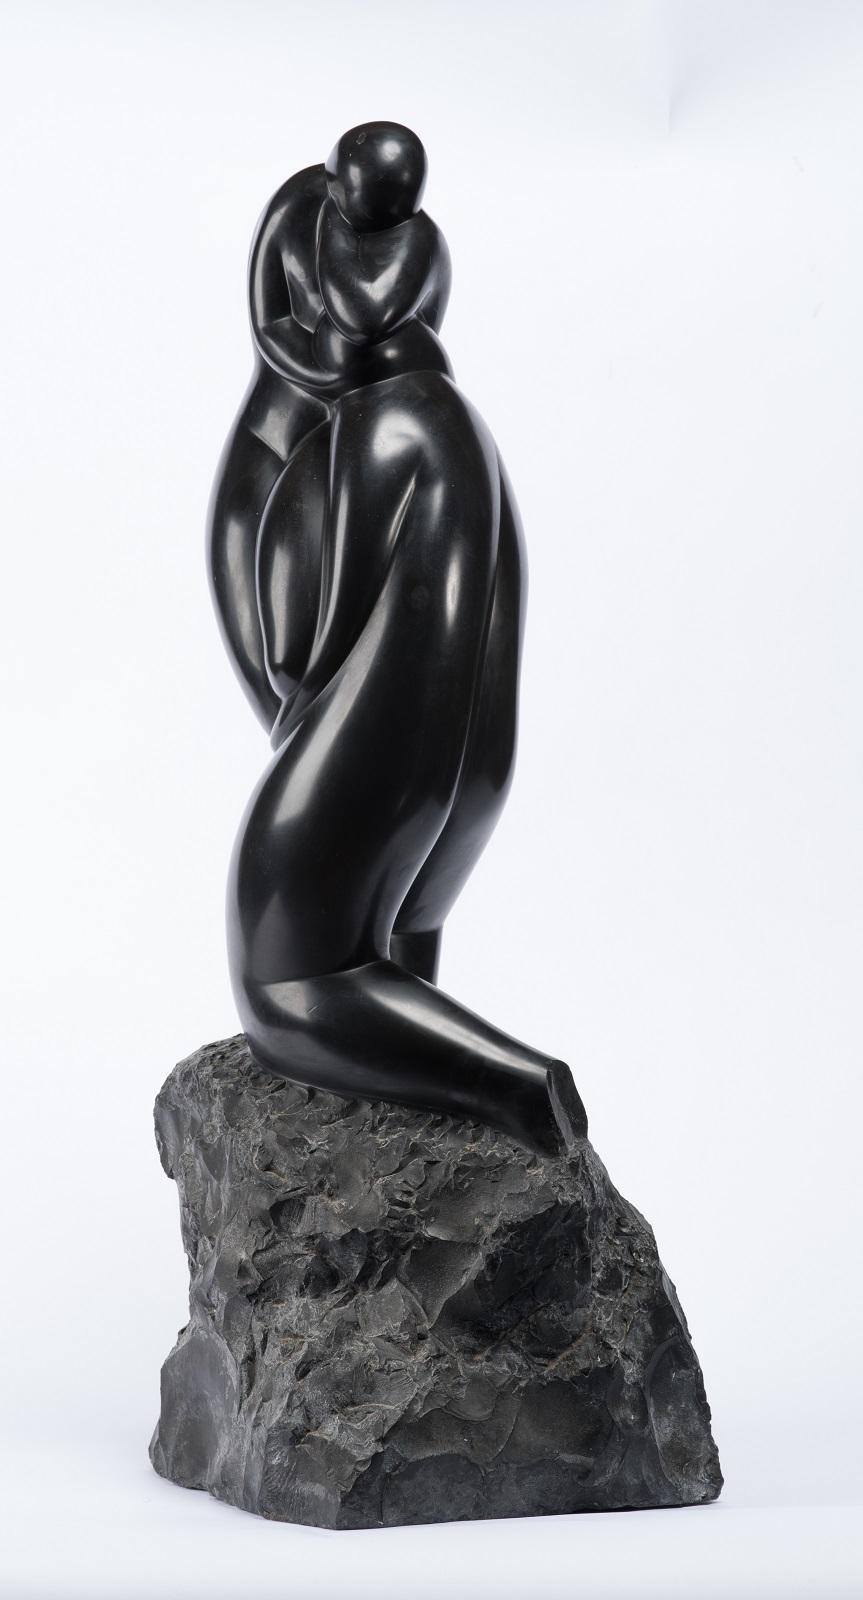 93 rzeźby Augusta Zamoyskiego można oglądać w Muzeum Narodowym w Warszawie